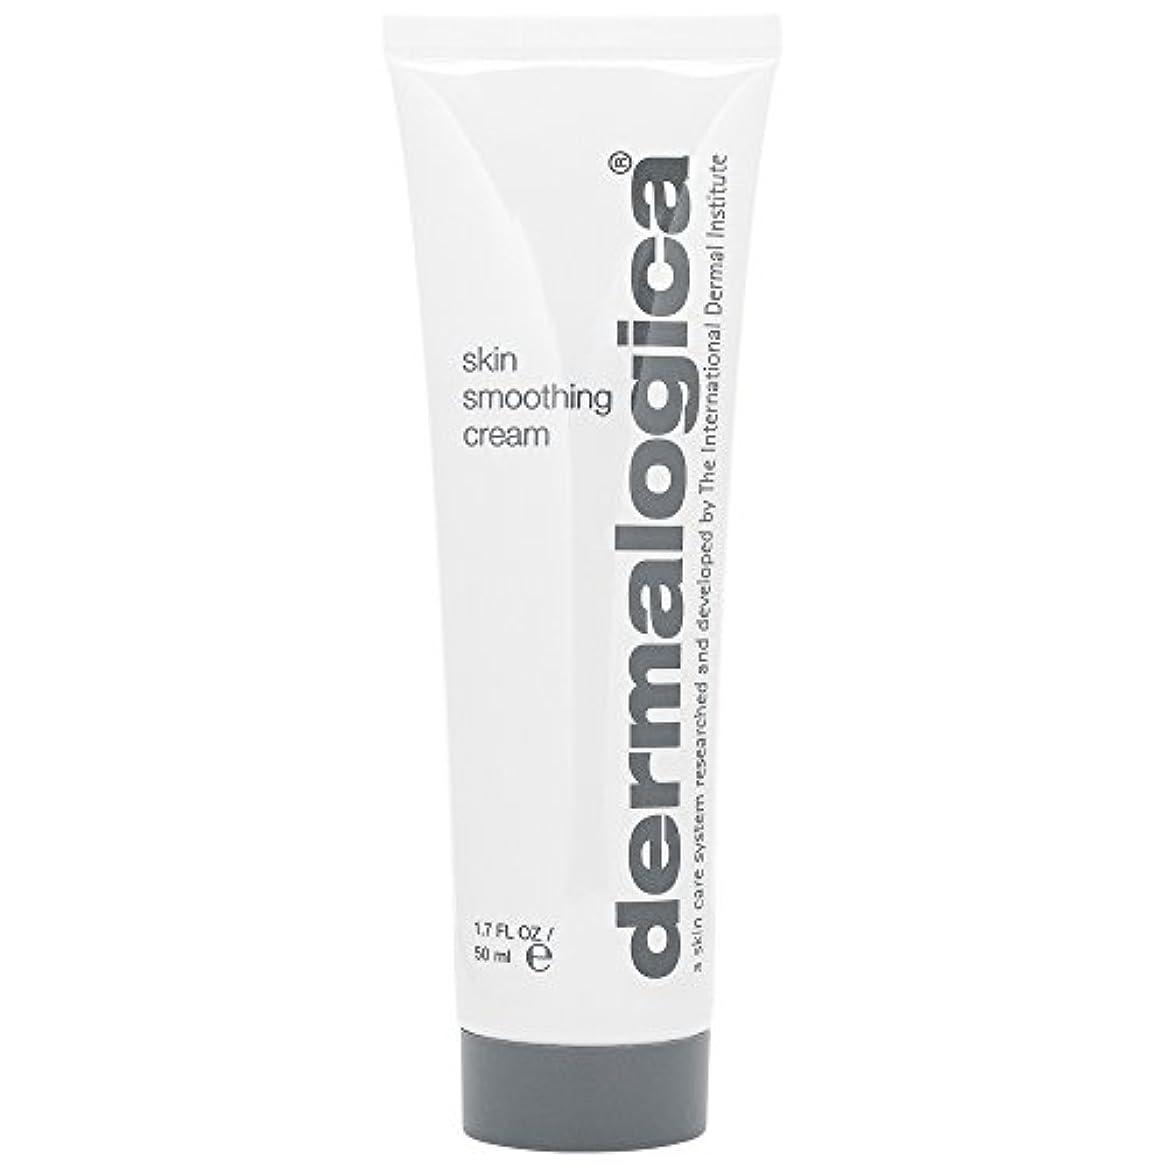 願う冗長インタビューダーマロジカスキンスムージングクリーム50ミリリットル (Dermalogica) - Dermalogica Skin Smoothing Cream 50ml [並行輸入品]